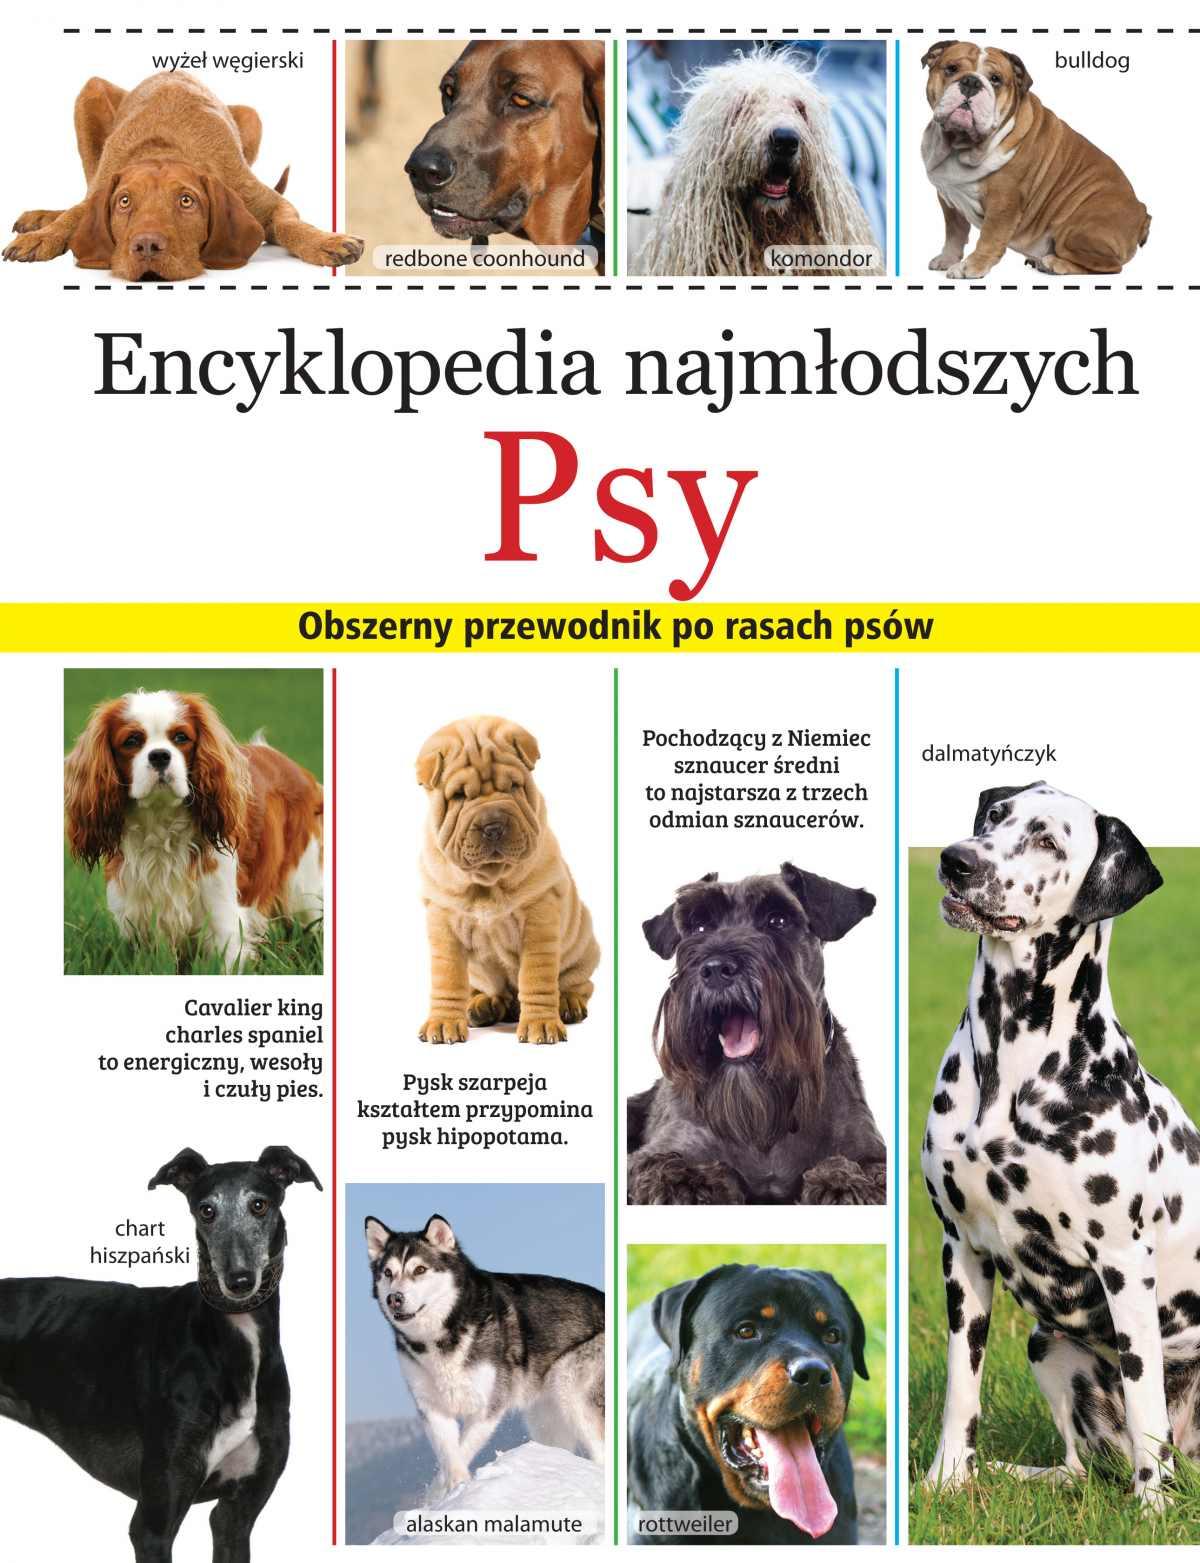 Encyklopedia najmłodszych. Psy - Ebook (Książka PDF) do pobrania w formacie PDF